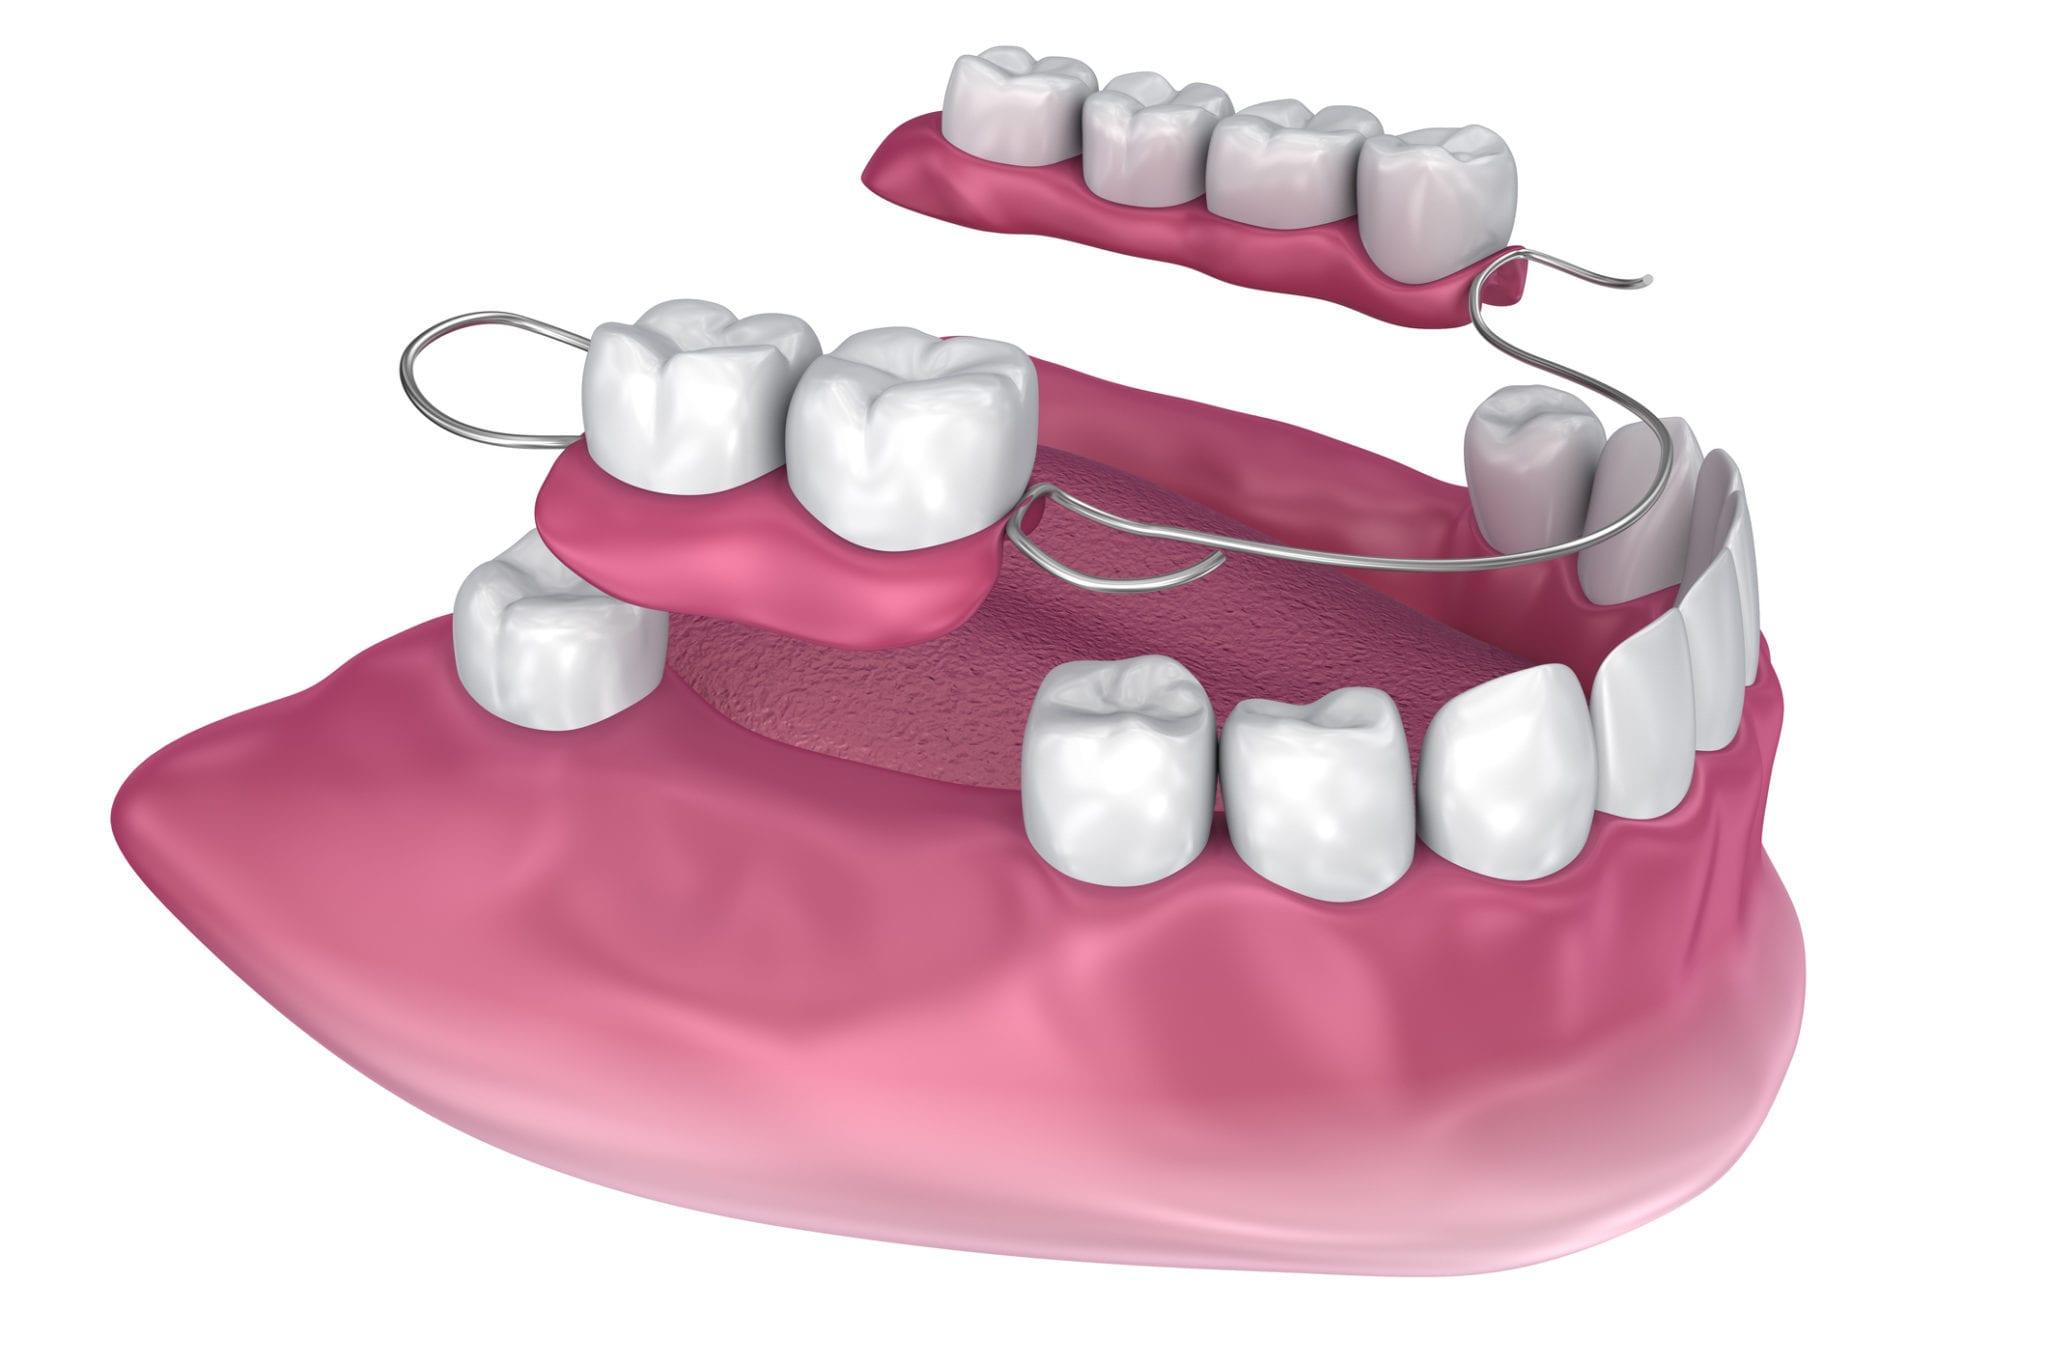 В сумке – тушь, расческа, …челюсть, или все о зубном протезировании